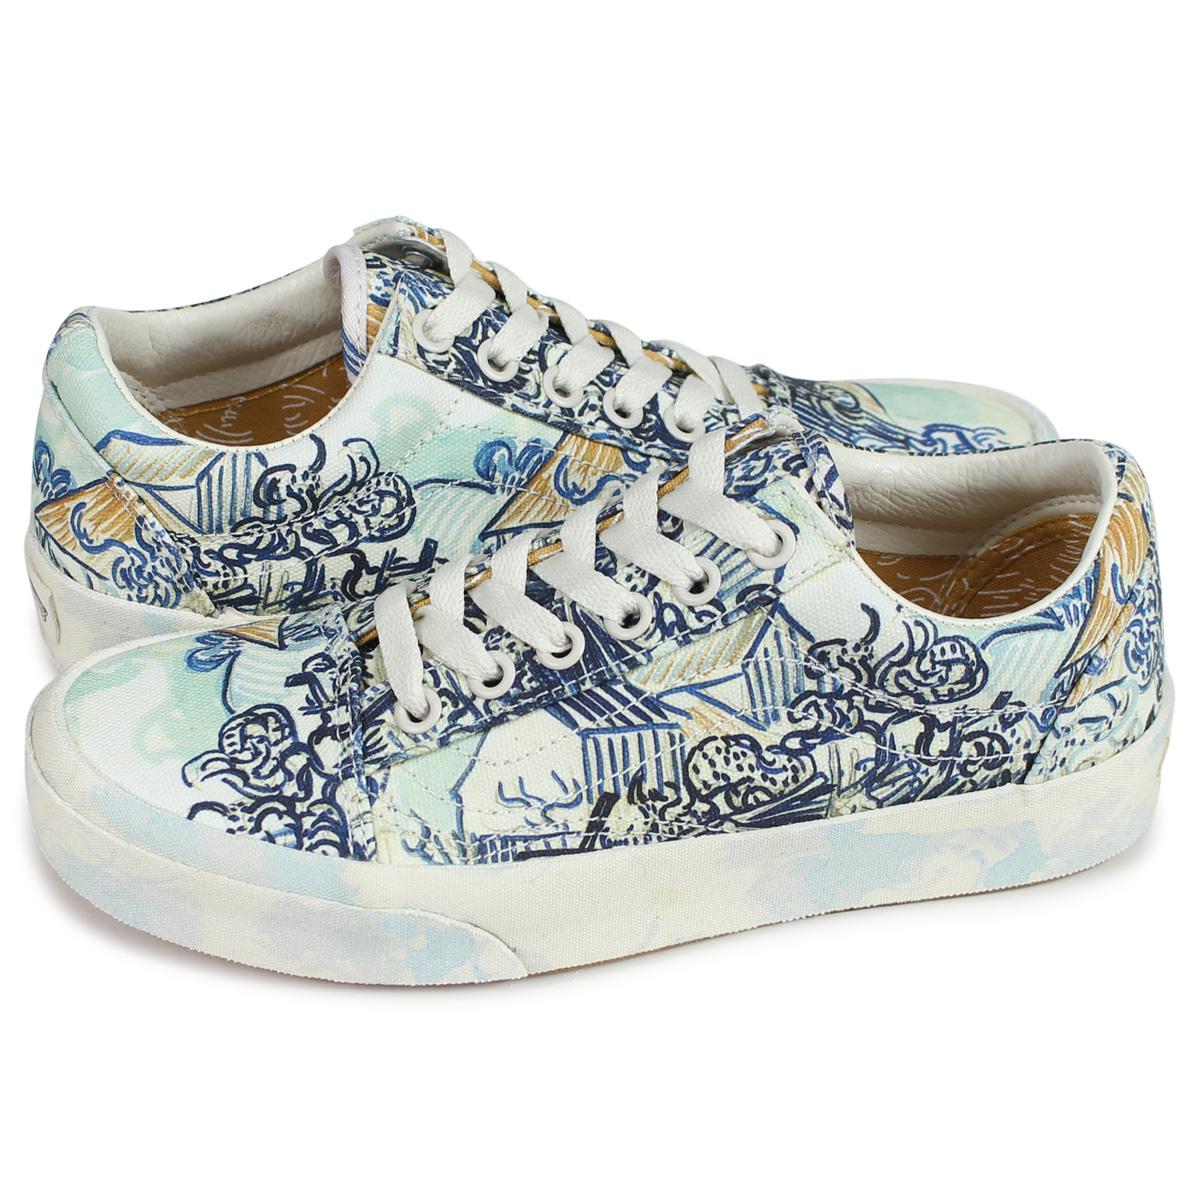 VANS OLD SKOOL vans old school sneakers Lady's station wagons Gogh multi VN0A38G1UAX